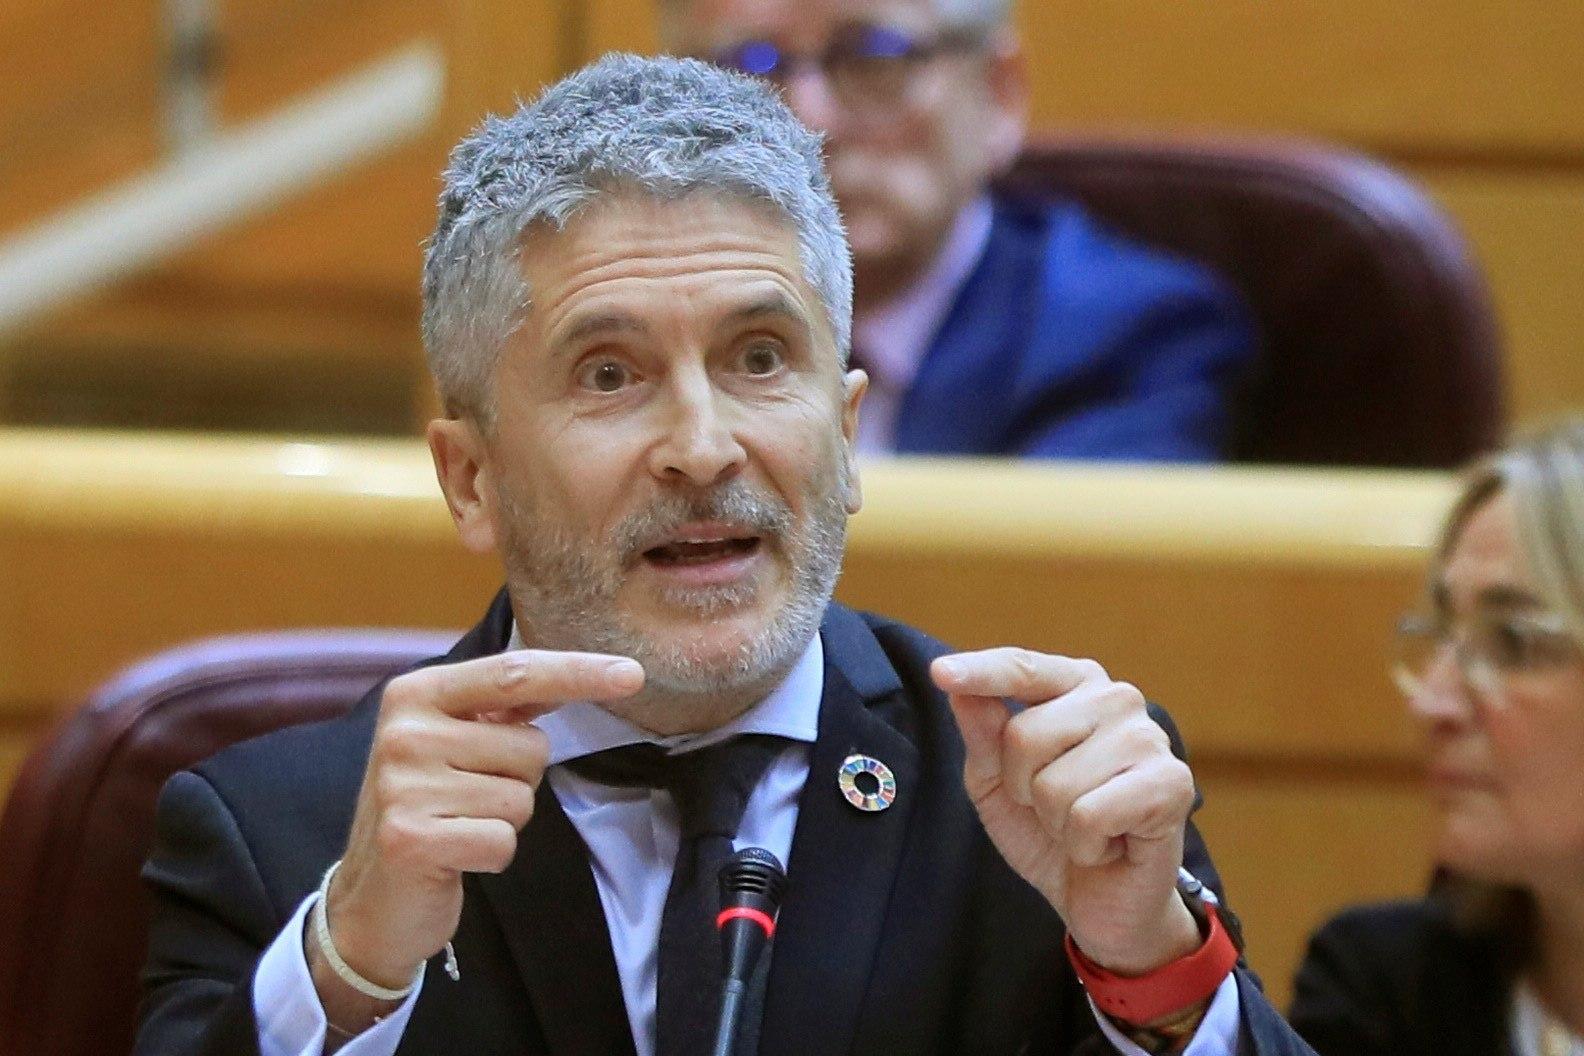 El ministro del Interior Fernando Grande-Marlaska durante su comparecencia en el Senado.